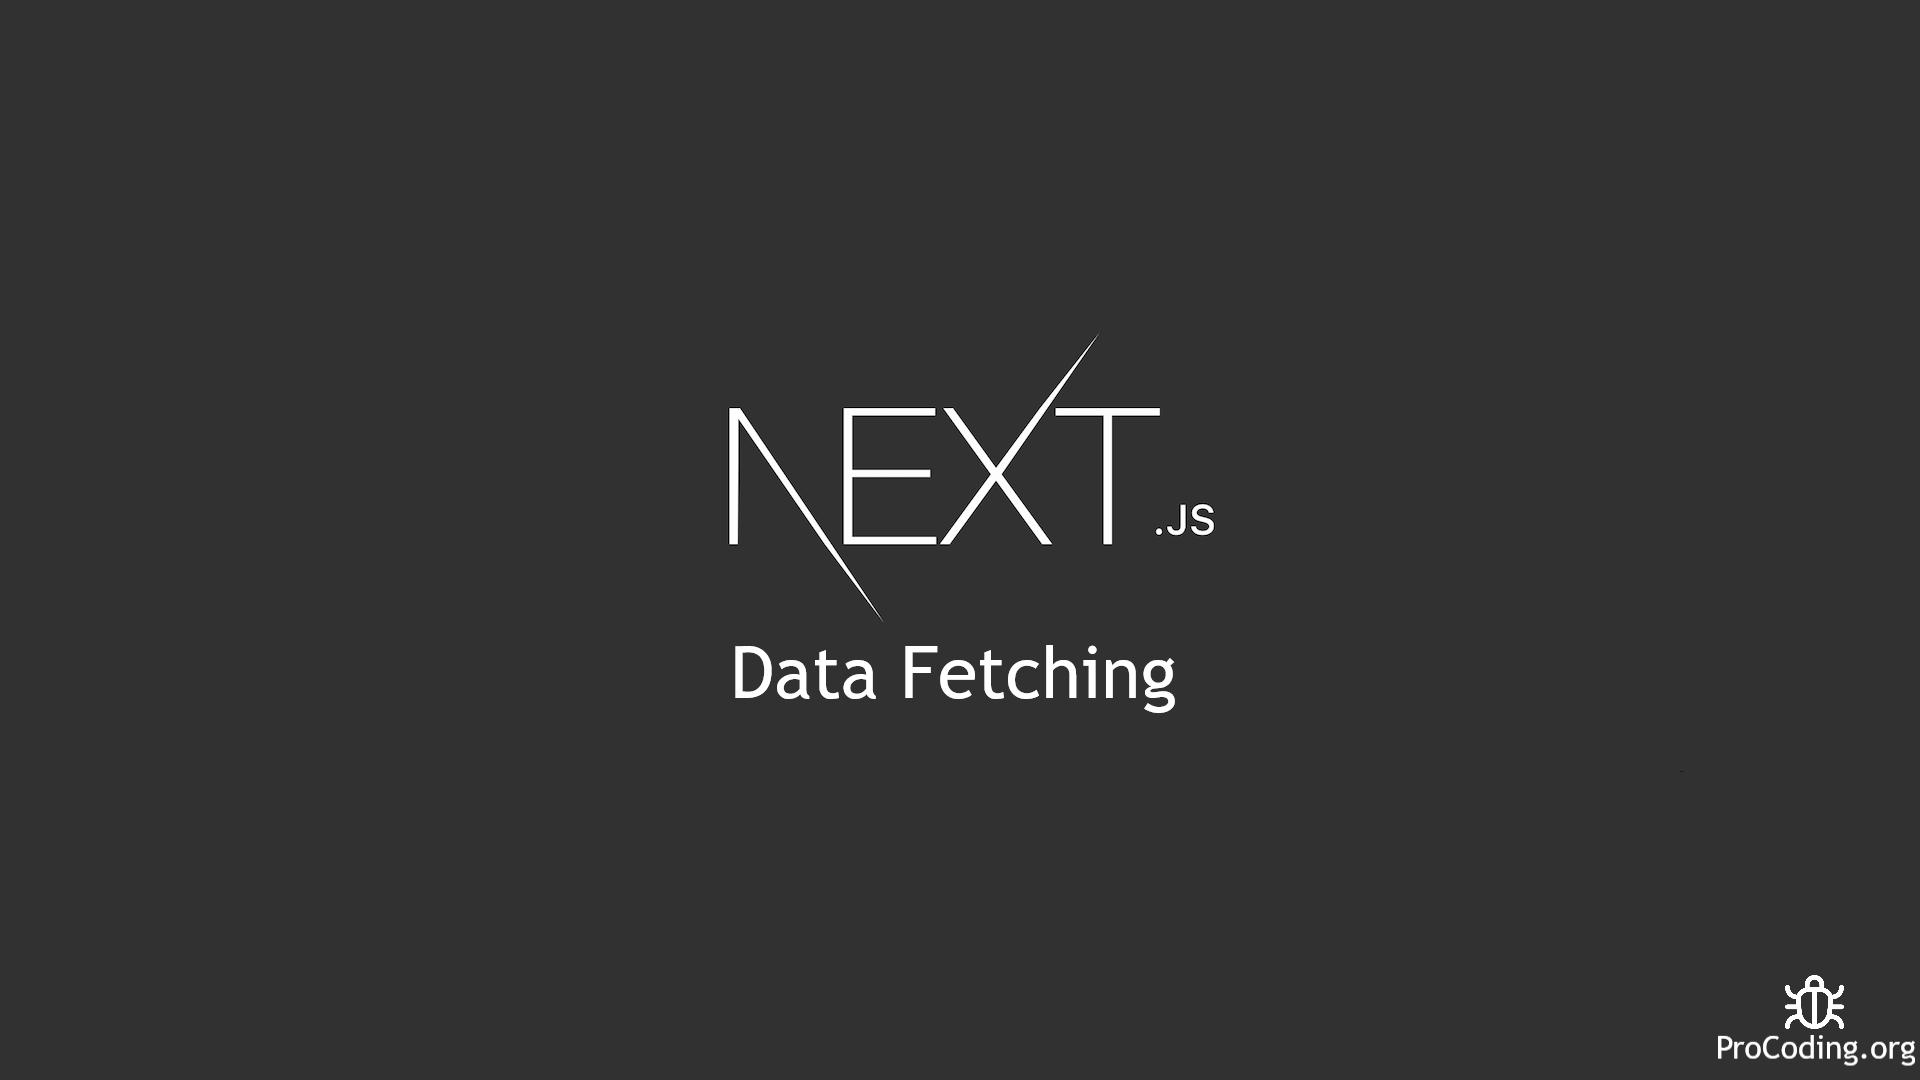 Nest js data fetching